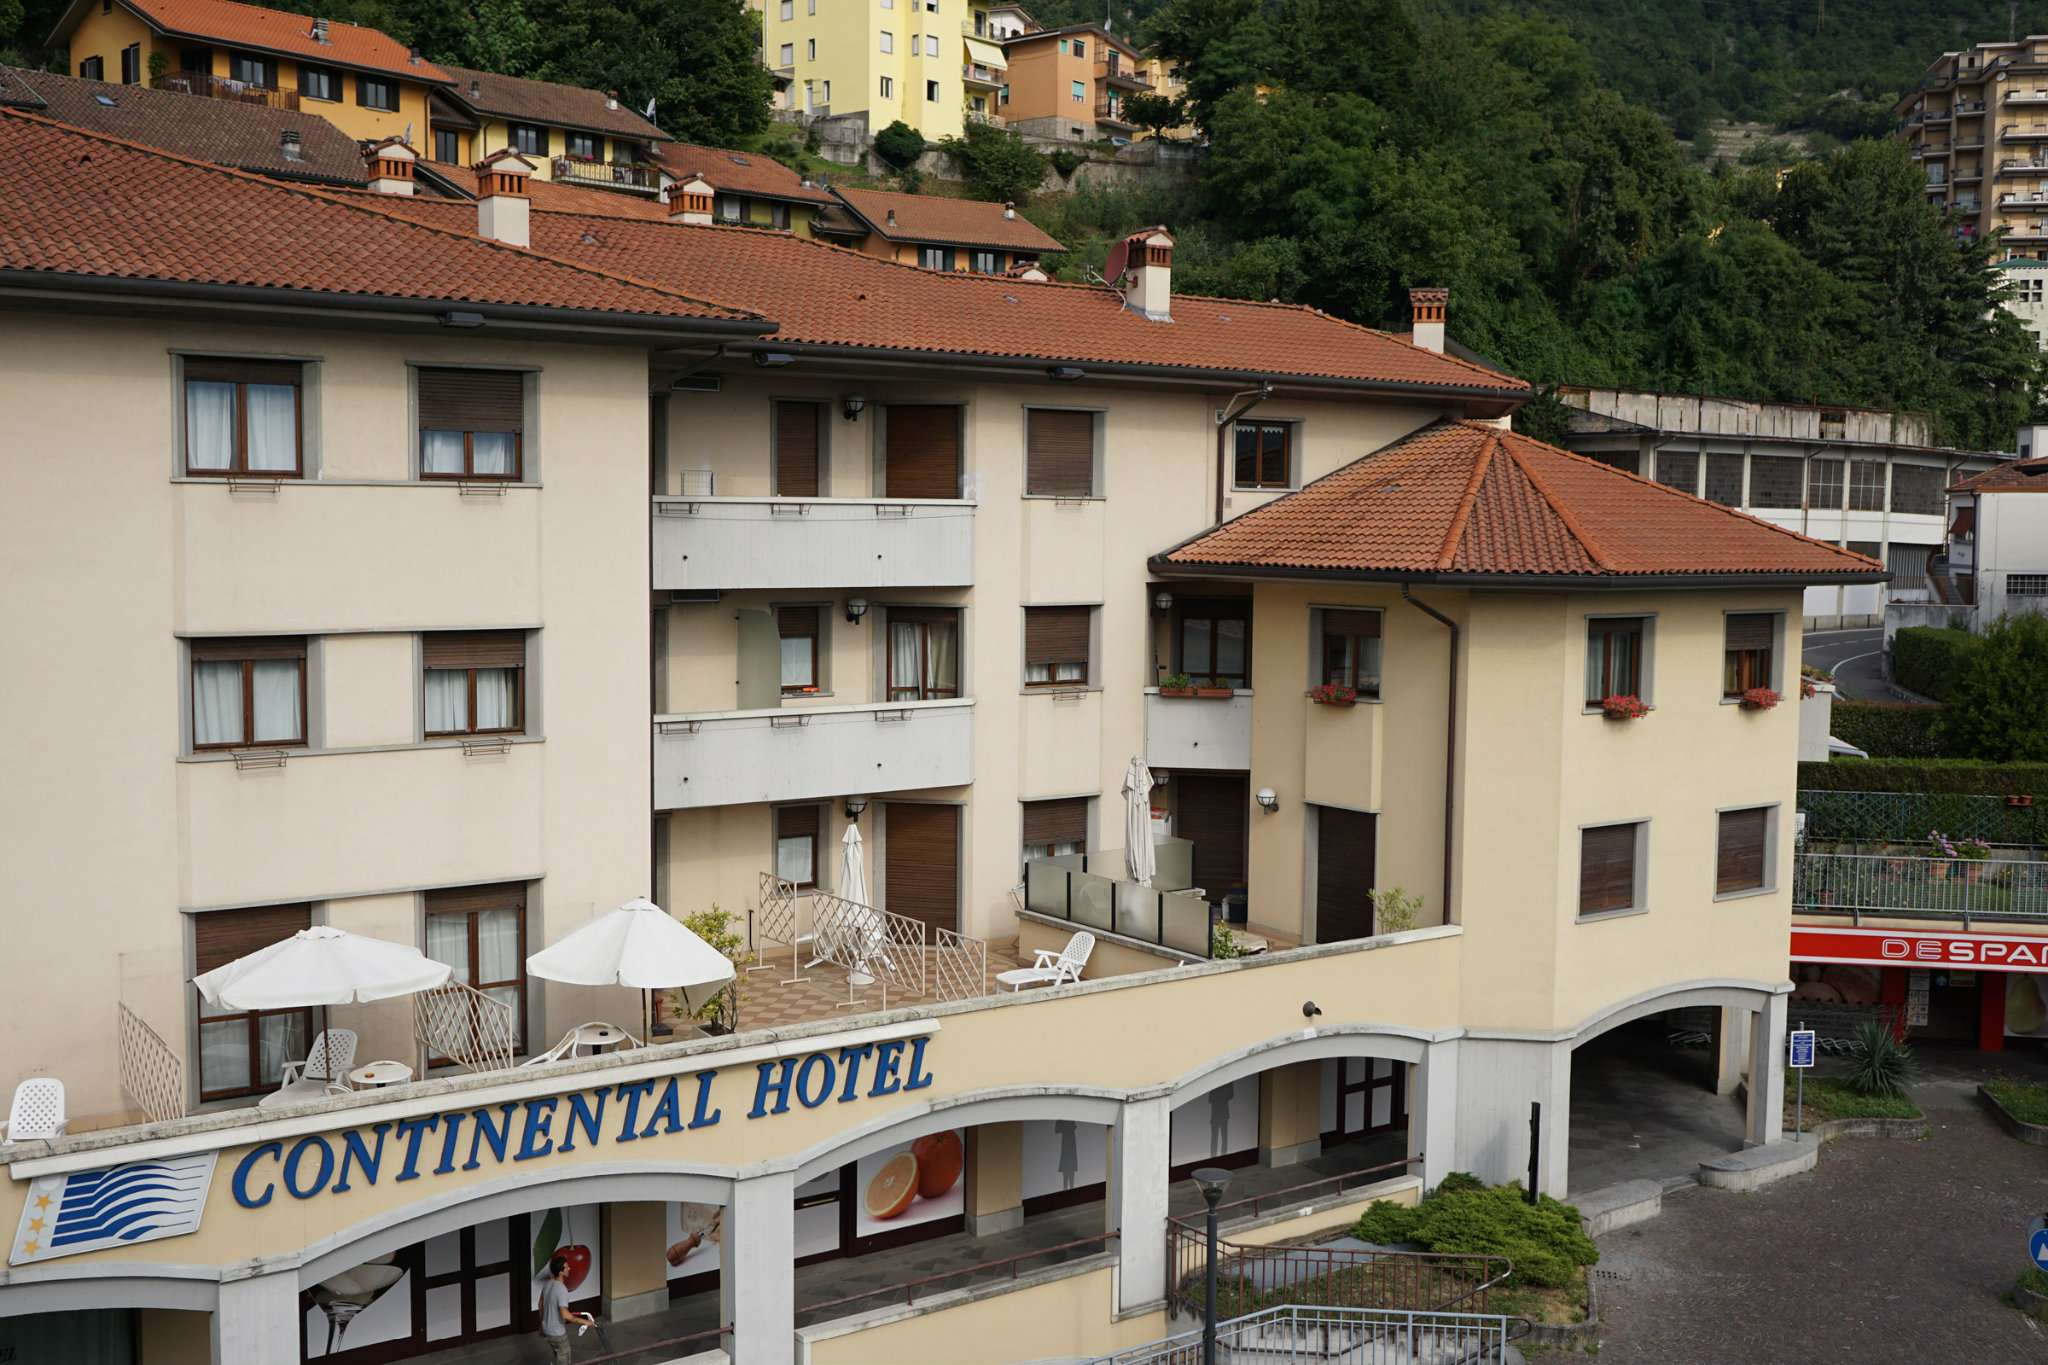 Appartamento in vendita a Lovere, 3 locali, prezzo € 199.000 | CambioCasa.it